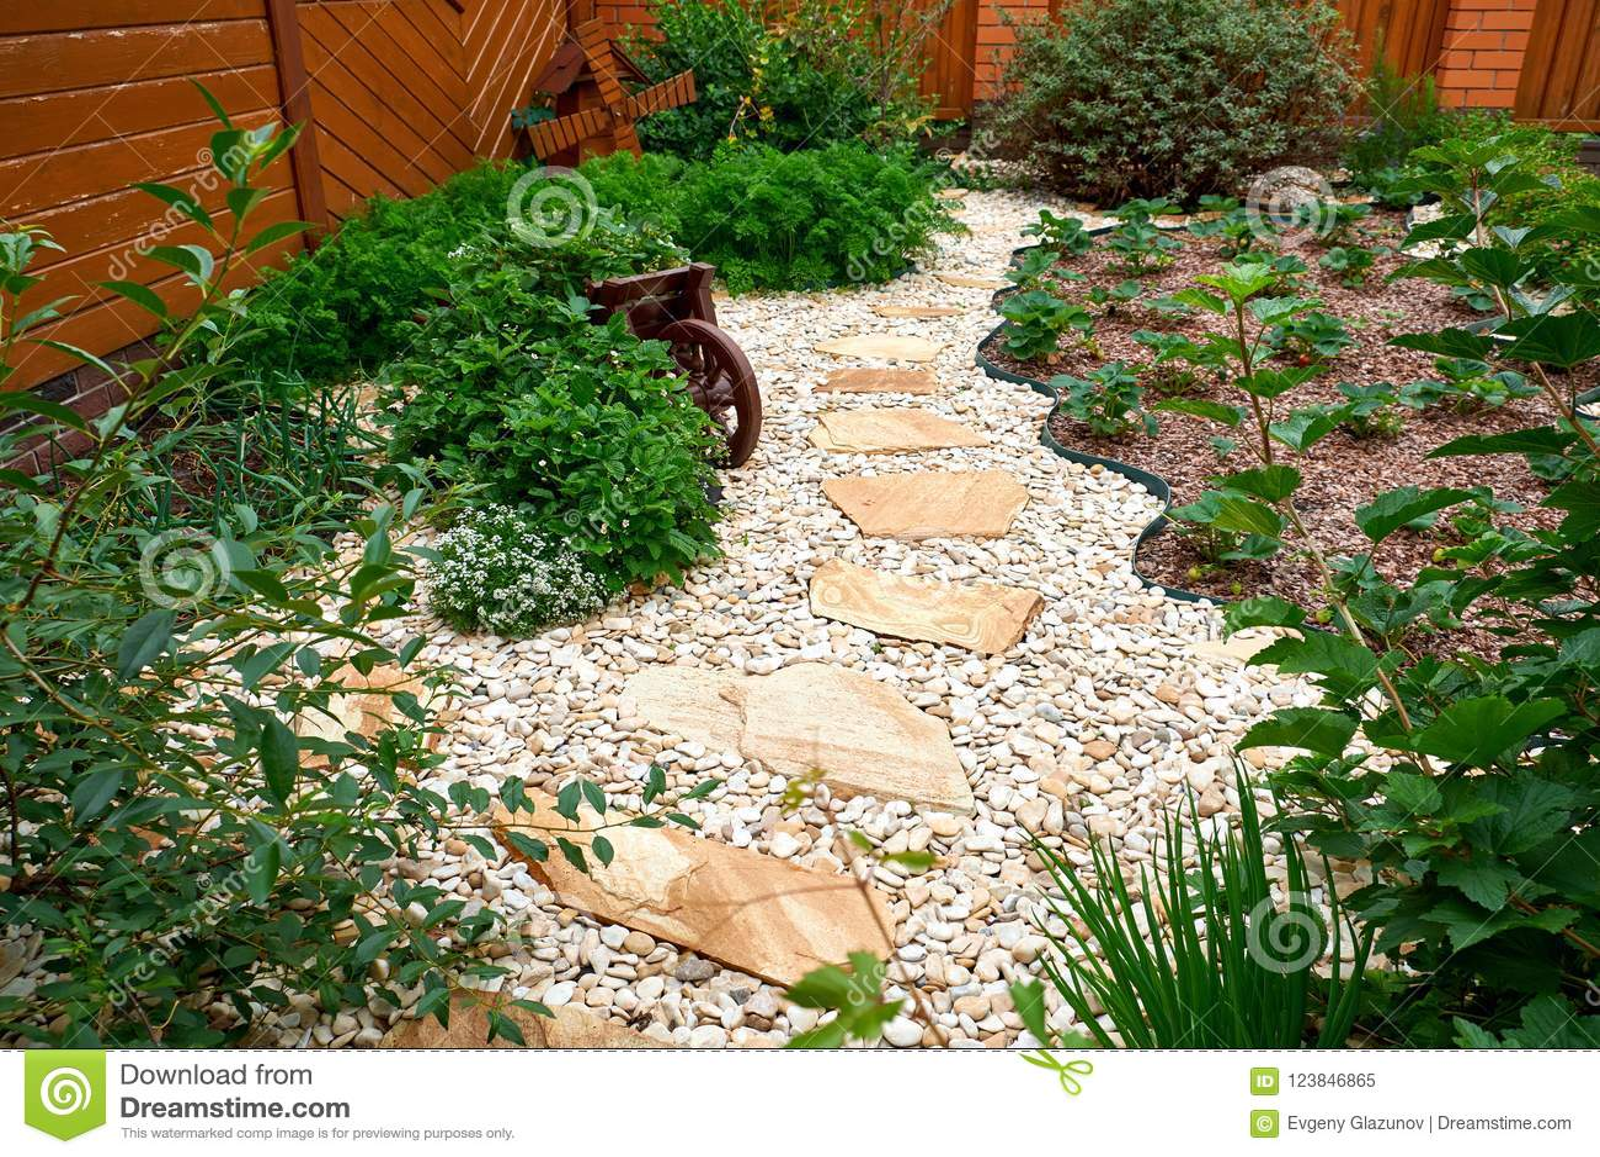 Garden Design. Pathway In Garden, Flowers With Bricks Pathways. The ...